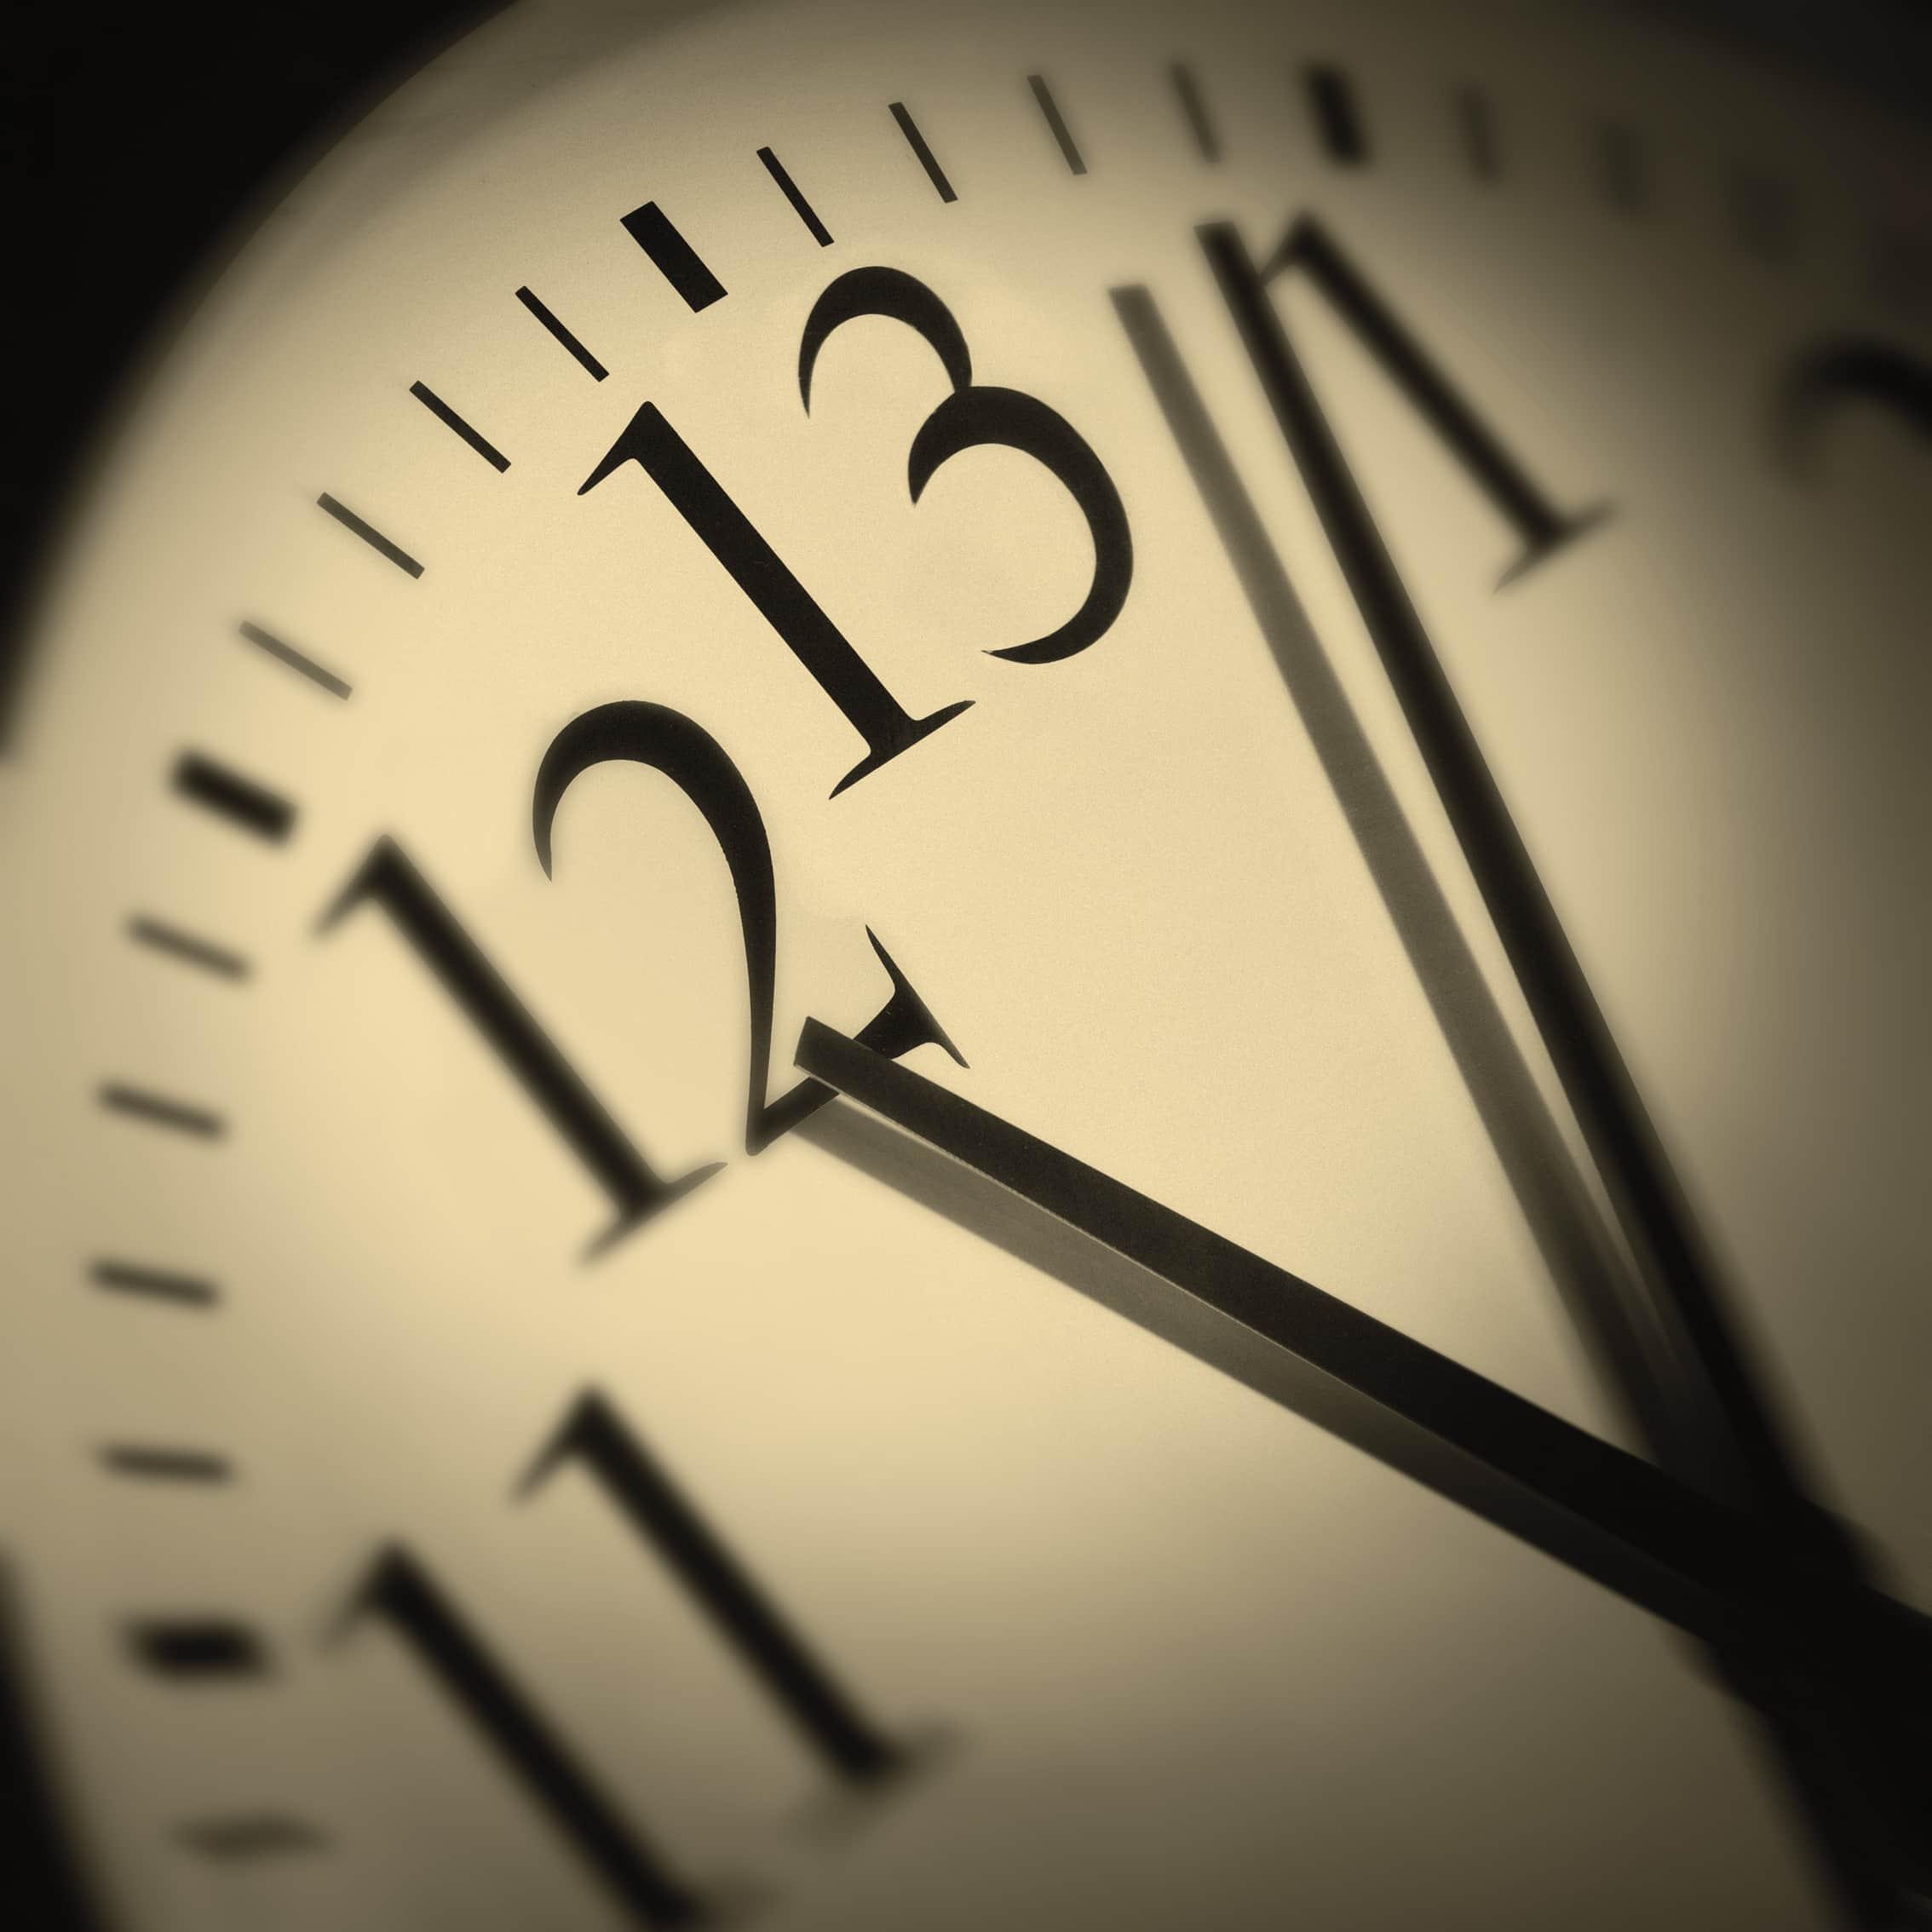 Thirteen O'clock, Superstitions, Clock Art, When the clock strikes 13, The clock struck 13,